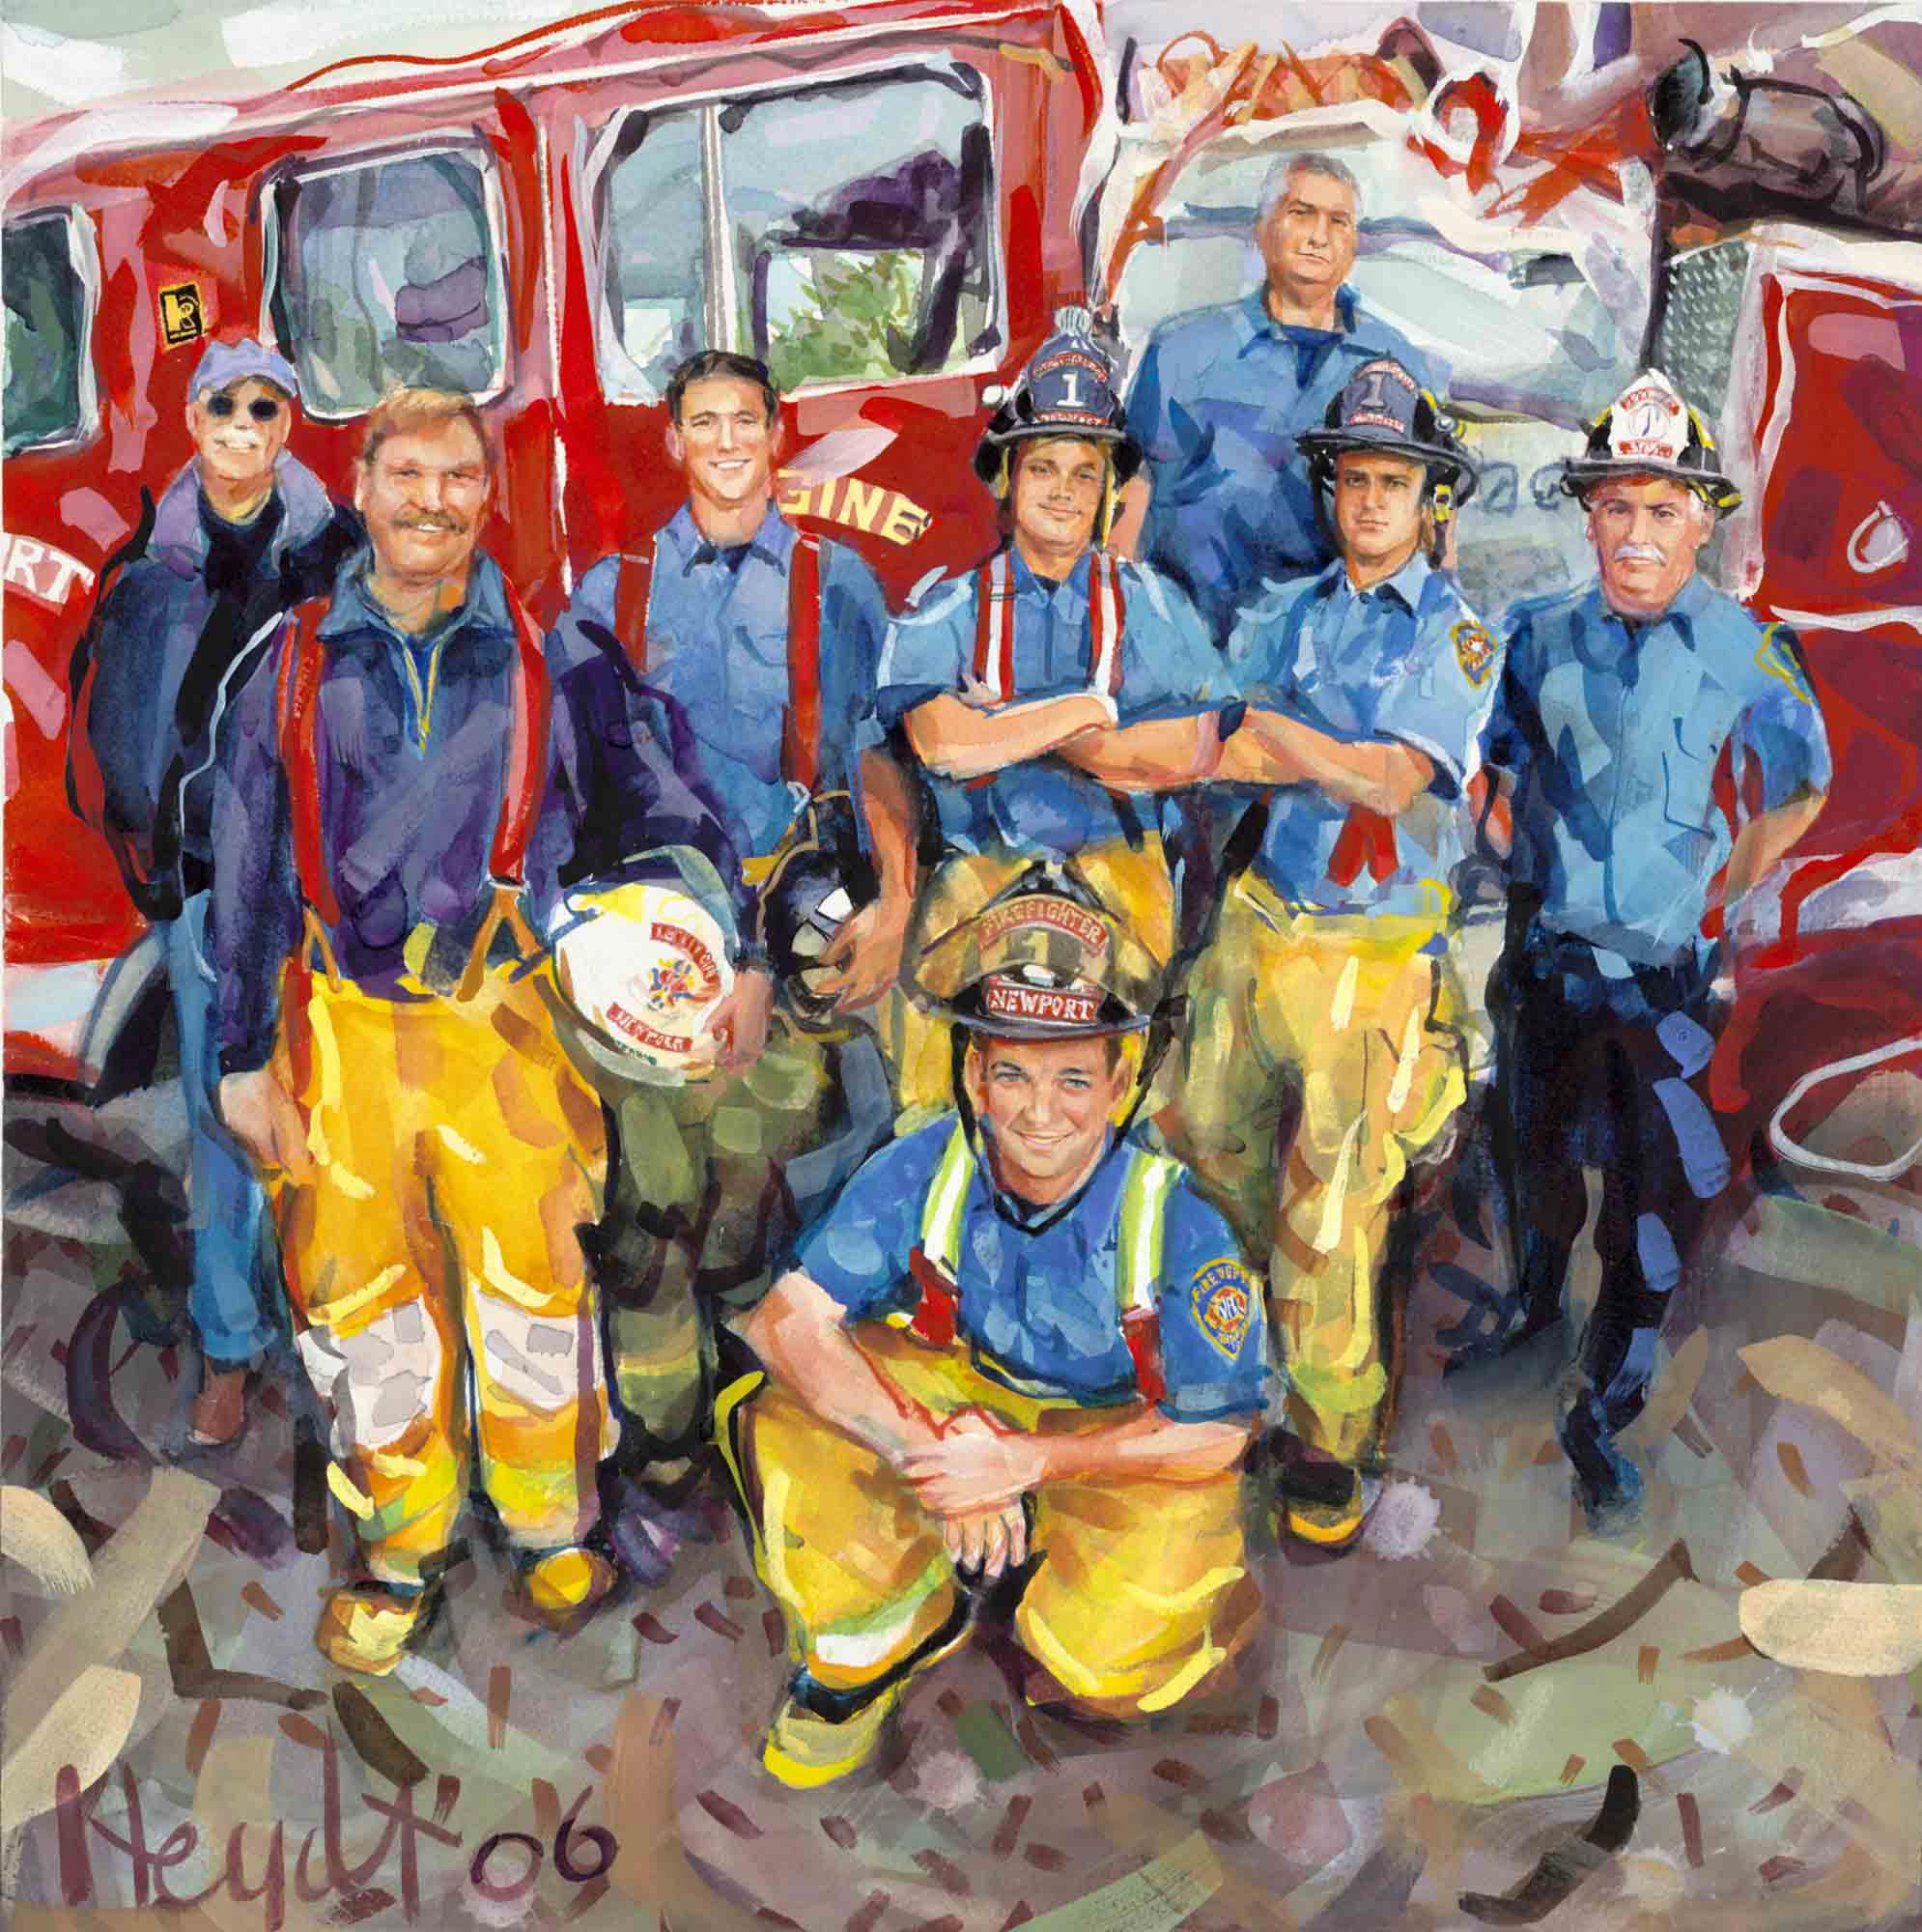 NewportantIII-Firefighters.jpg